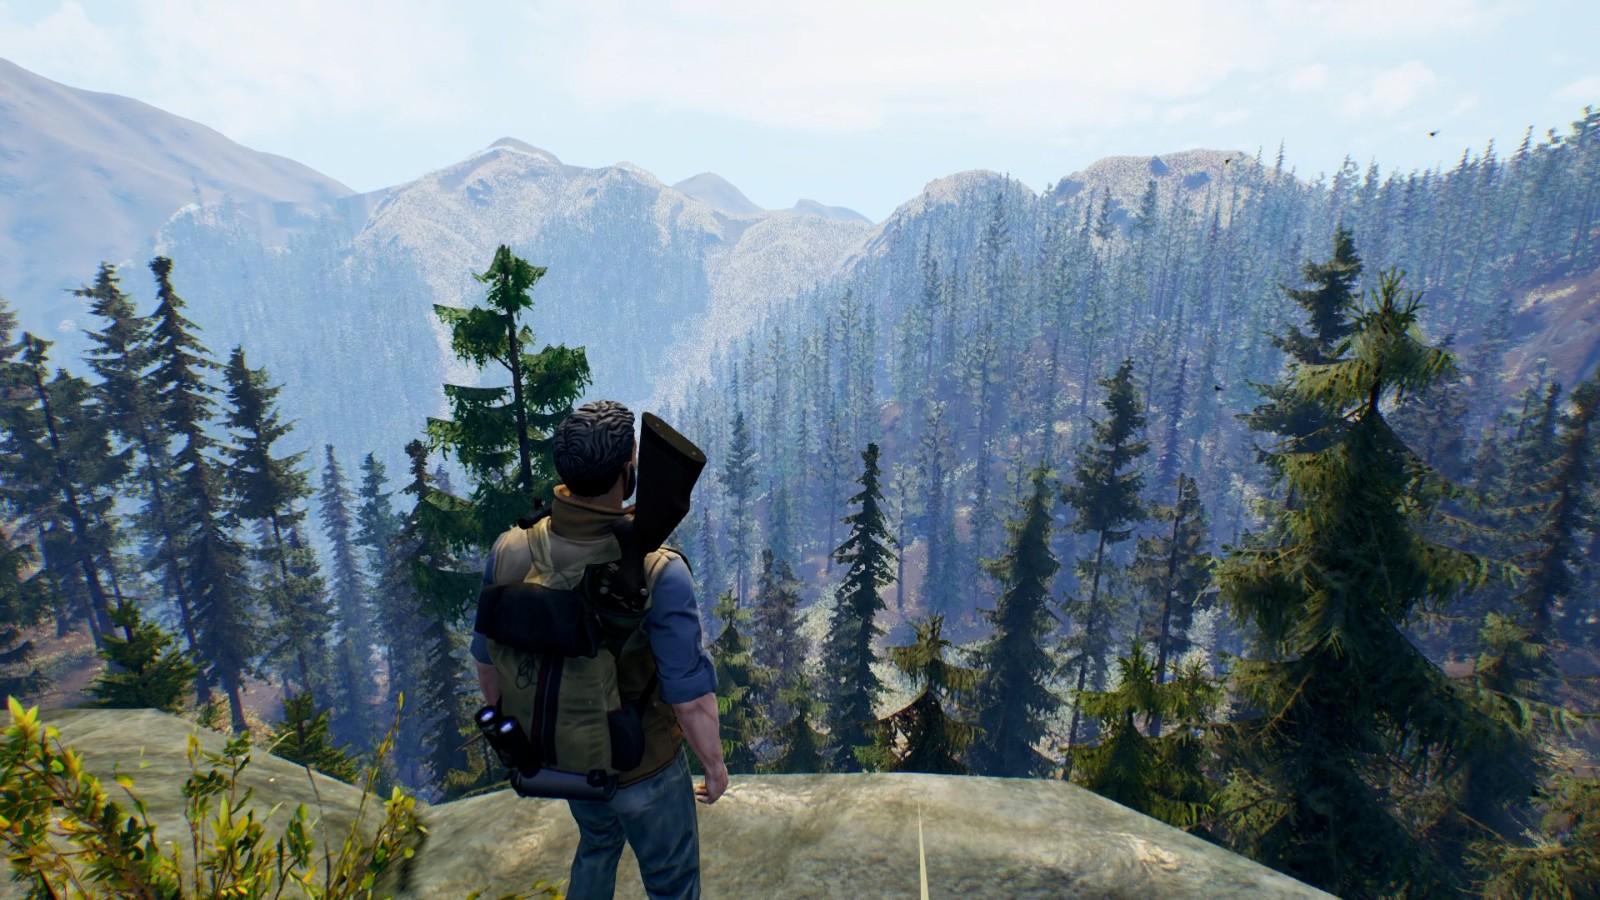 开放世界狩猎游戏《辽阔旷野》延期至6月4日